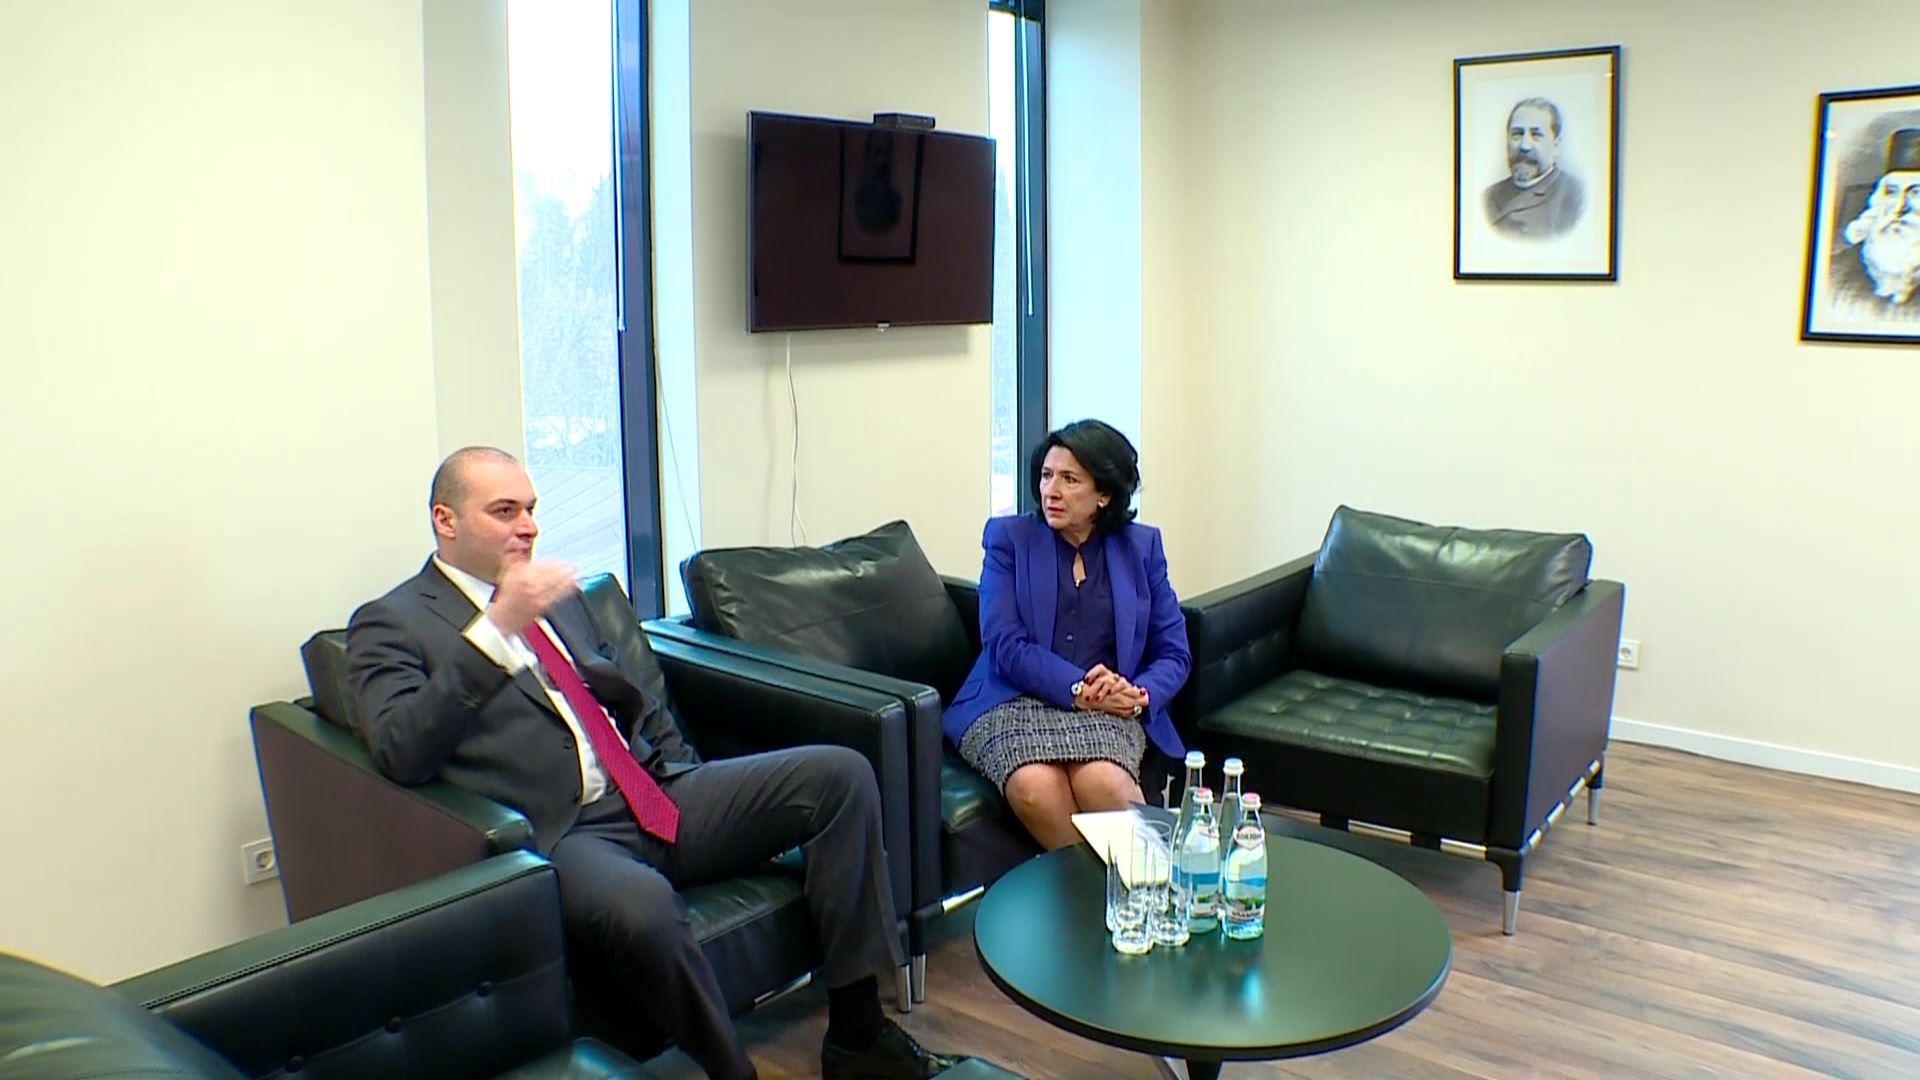 პრეზიდენტისა და პრემიერ-მინისტრის პირველი სამუშაო შეხვედრა